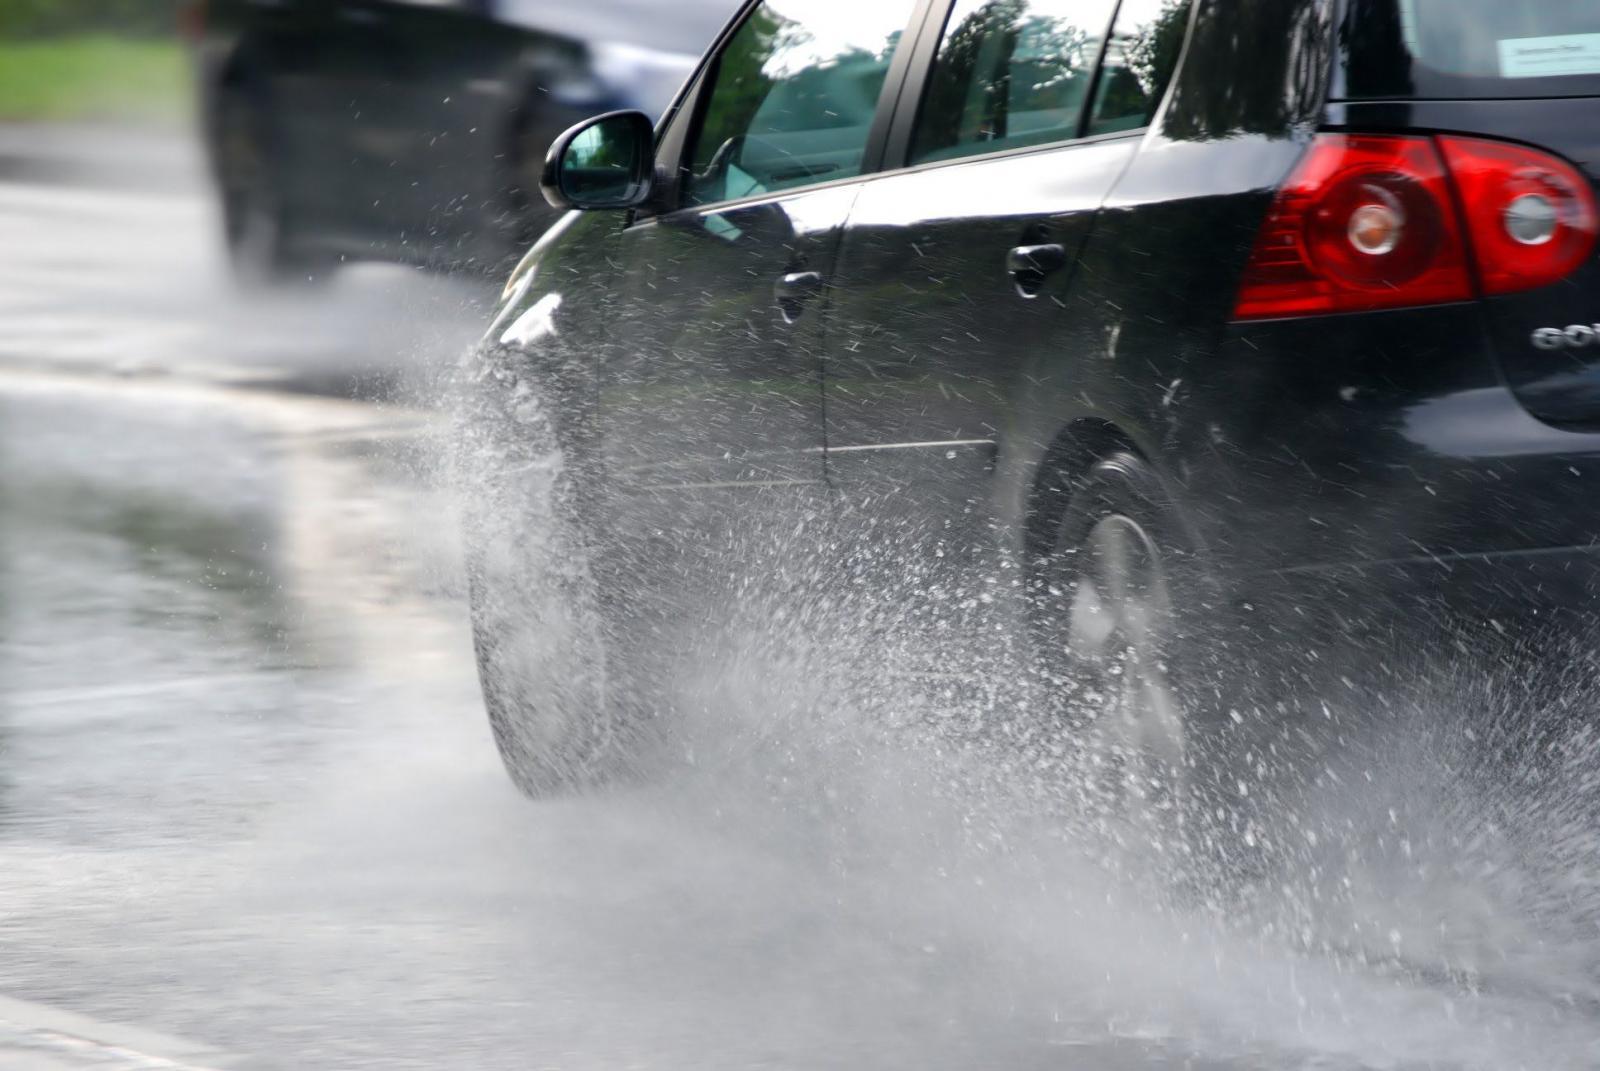 Un auto corriendo bajo la lluvia